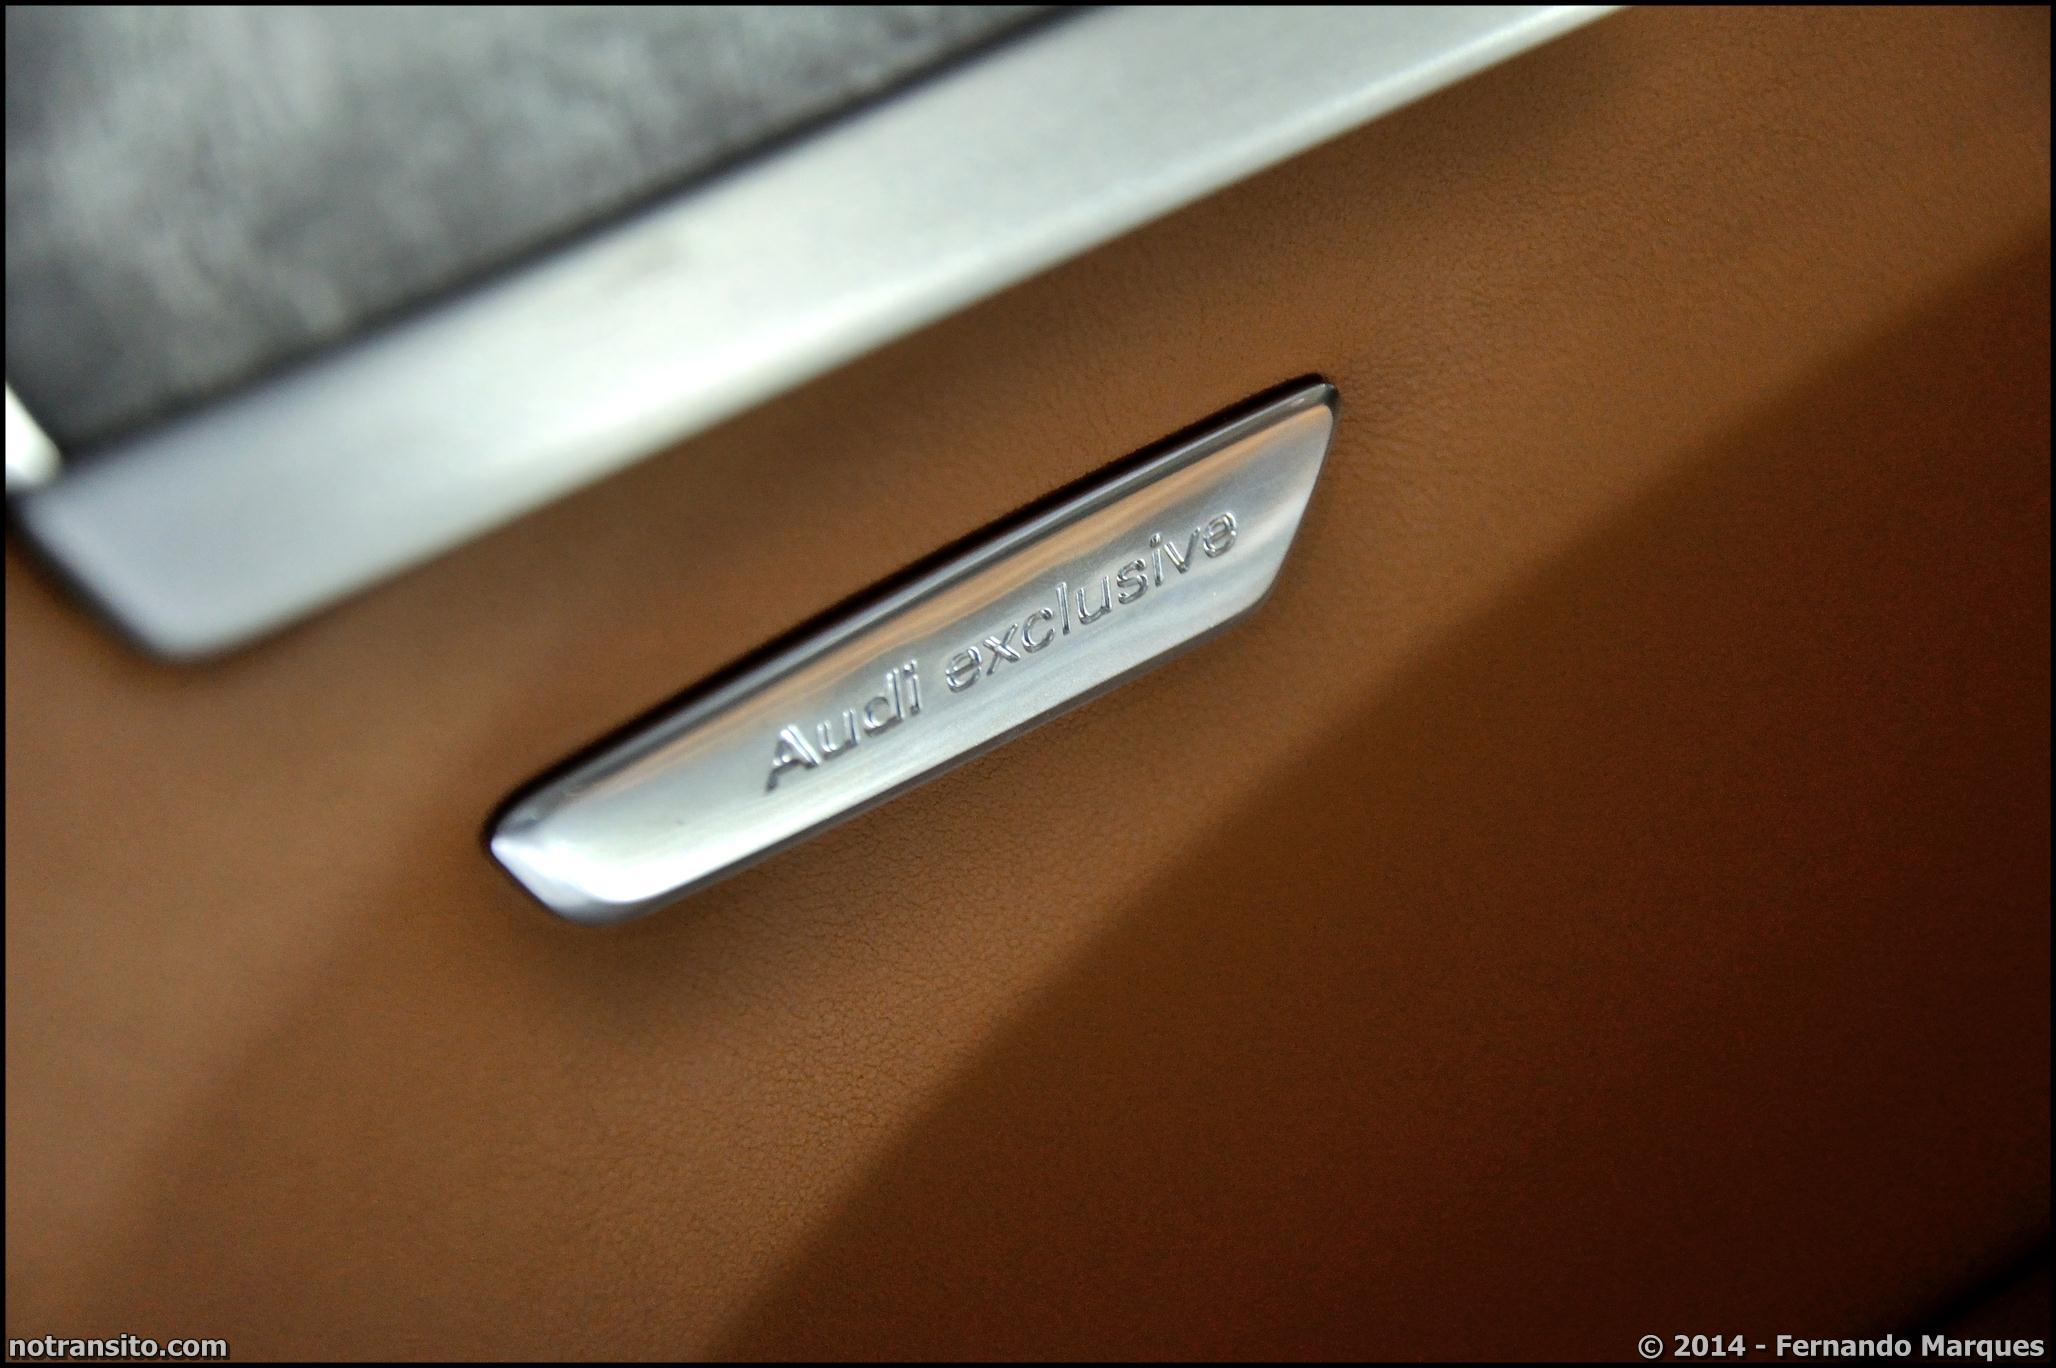 Audi A8 L W12 Exclusive Concept, Salão do Automóvel 2014, Audi Exclusive badge